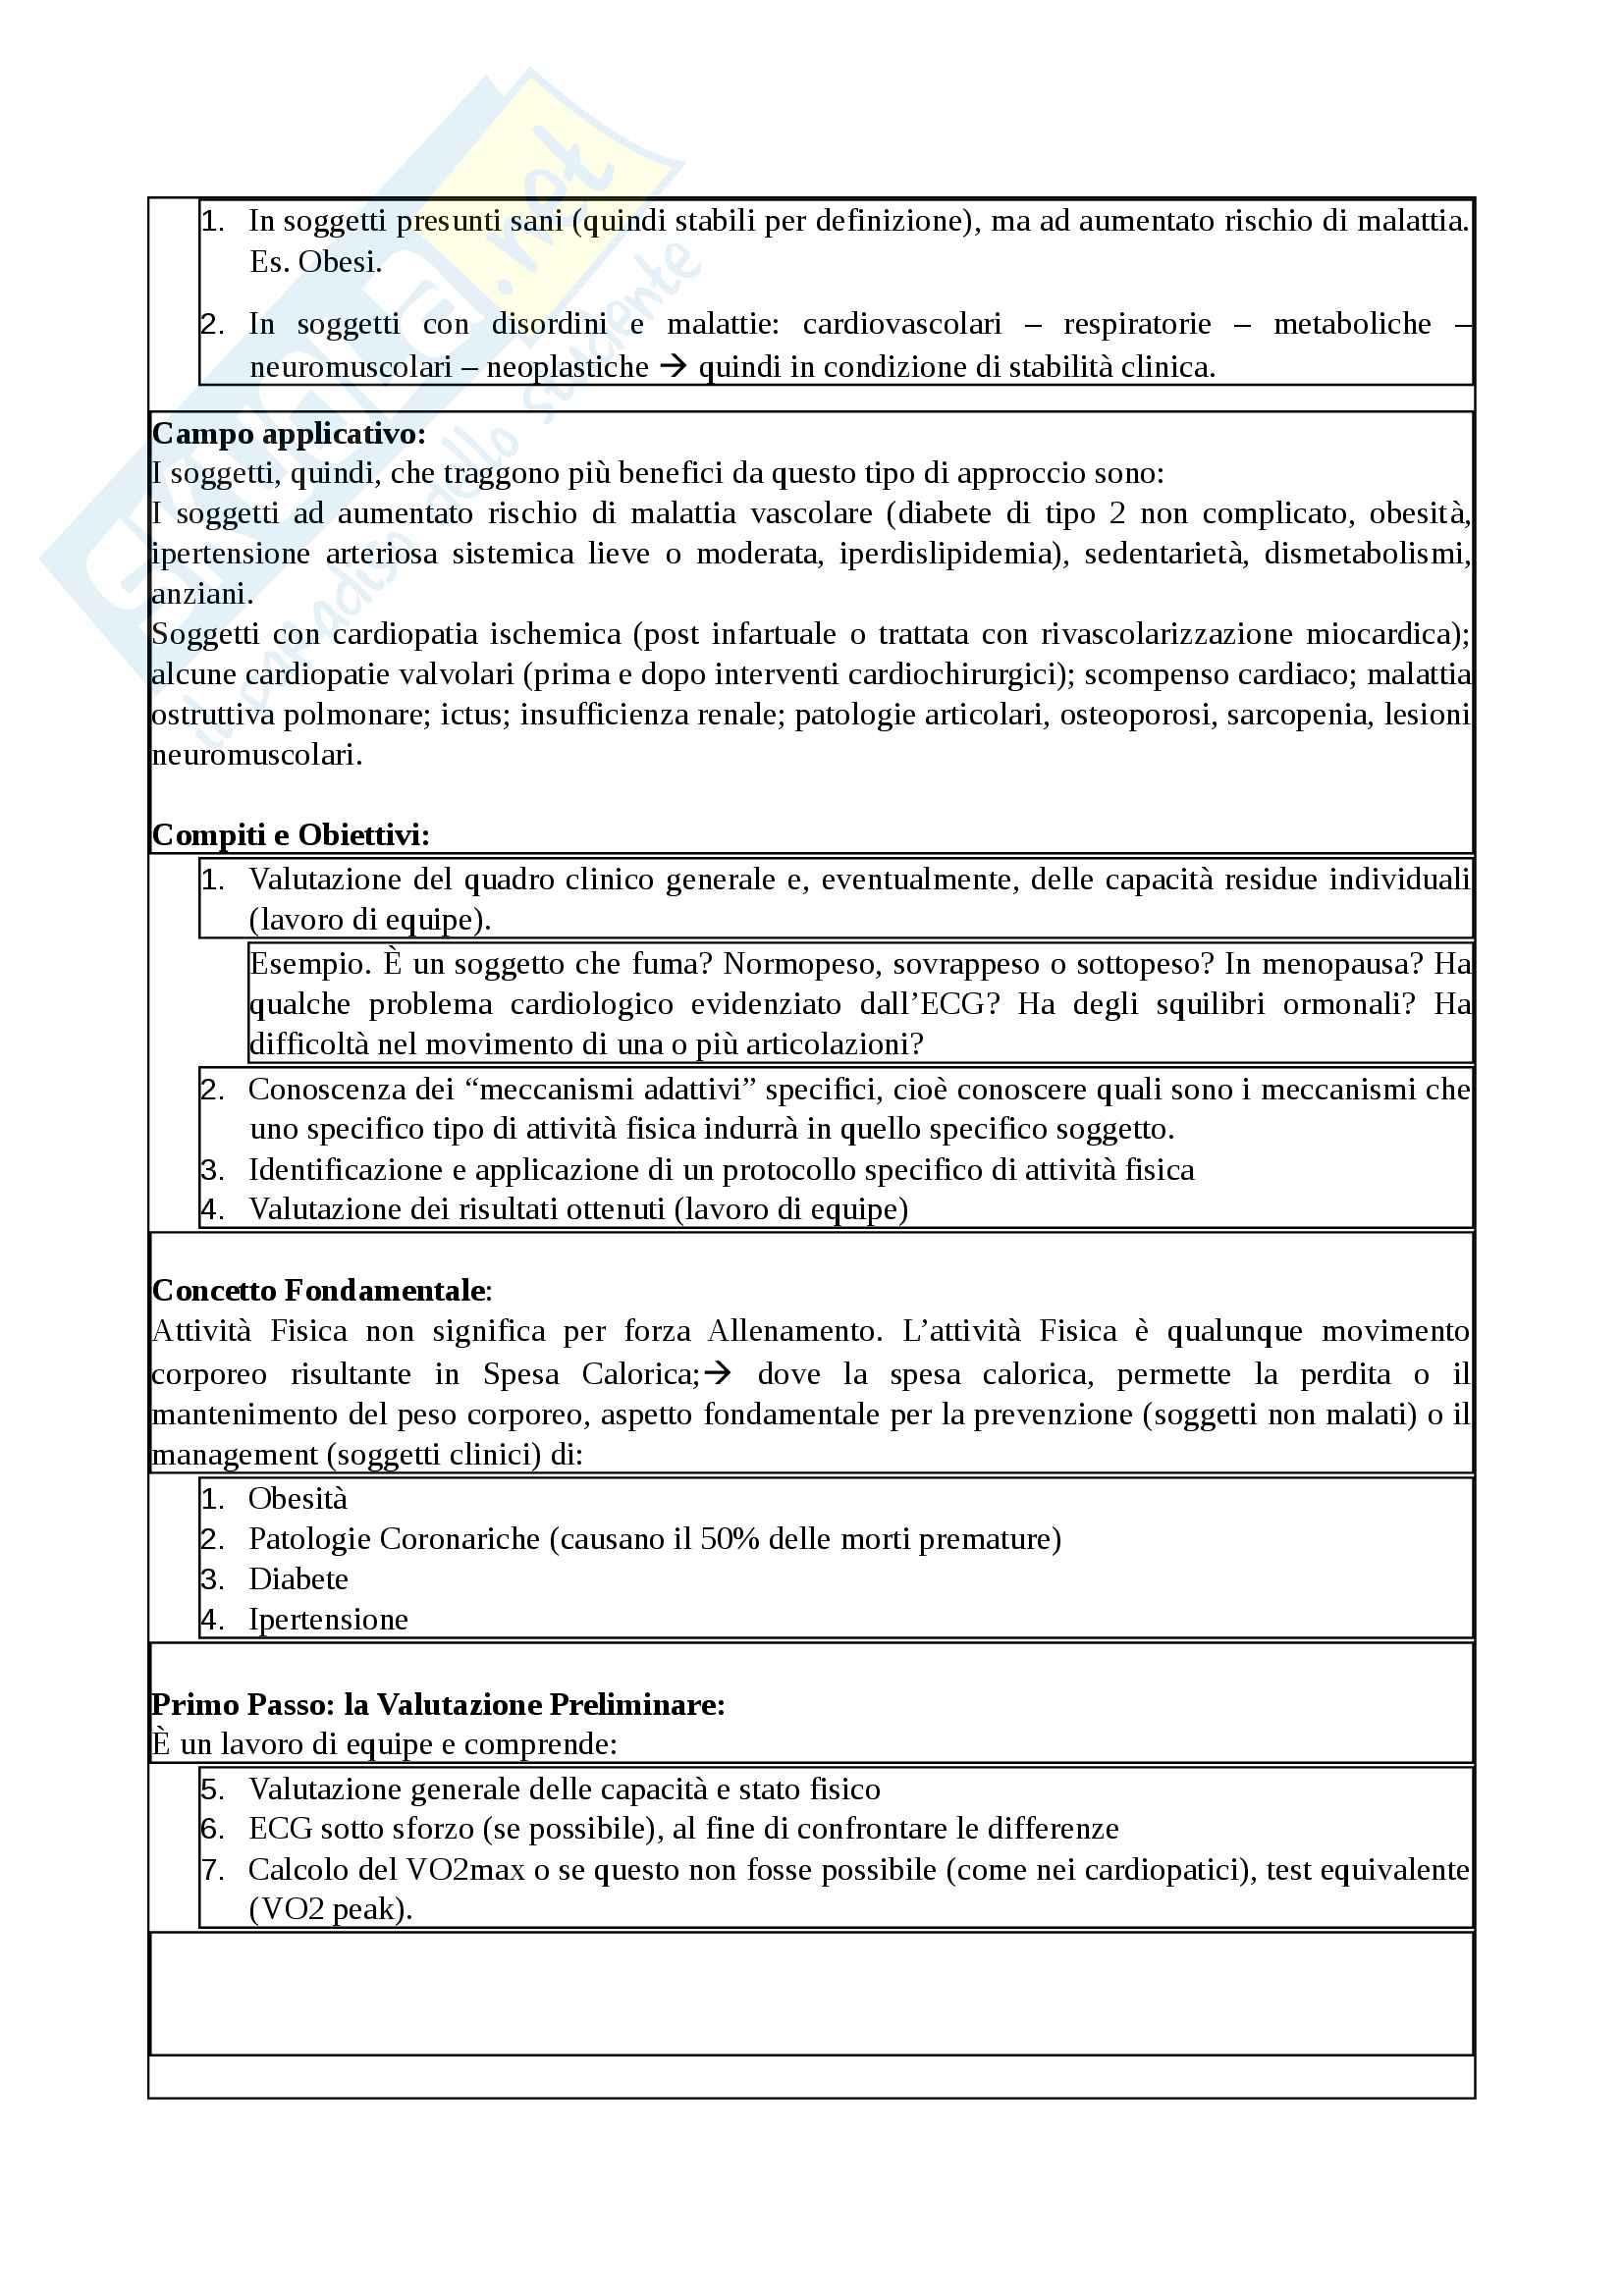 Appunti - Fisiologia clinica dell'esercizio Pag. 2